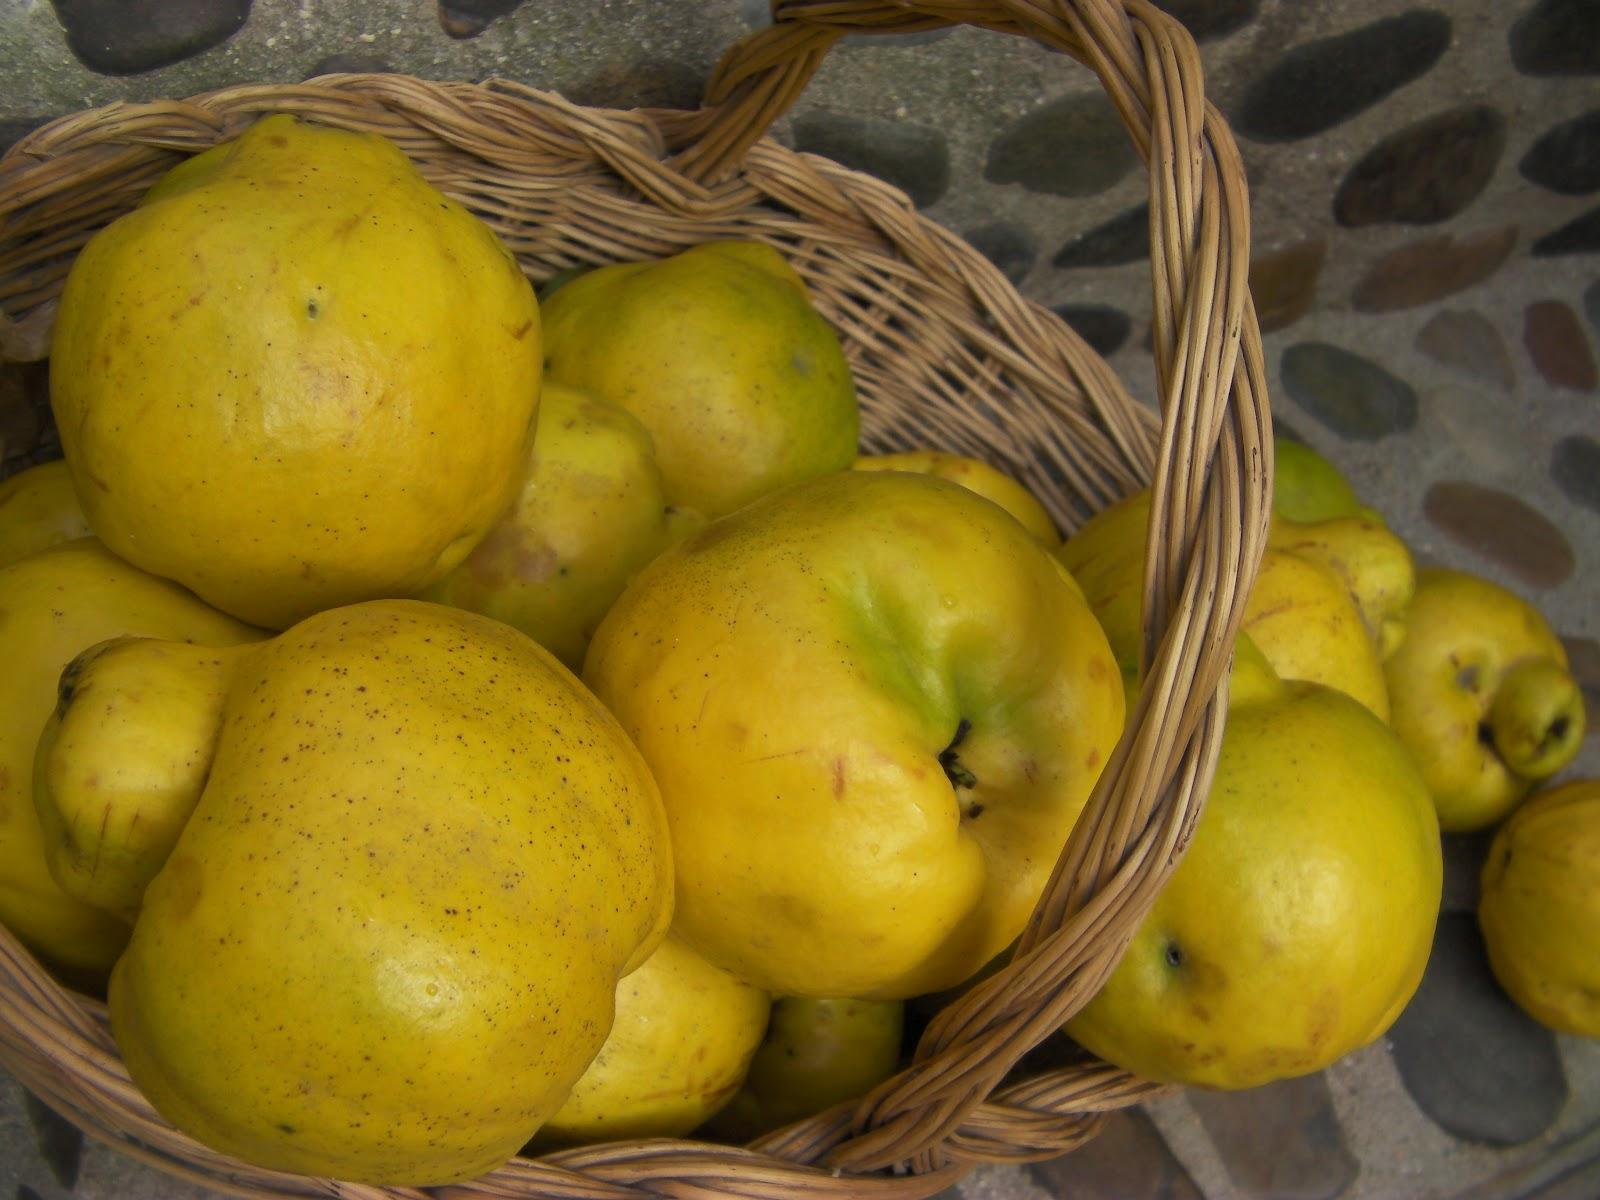 La troje de ana dulce de membrillo para untar - Como preparar membrillo ...